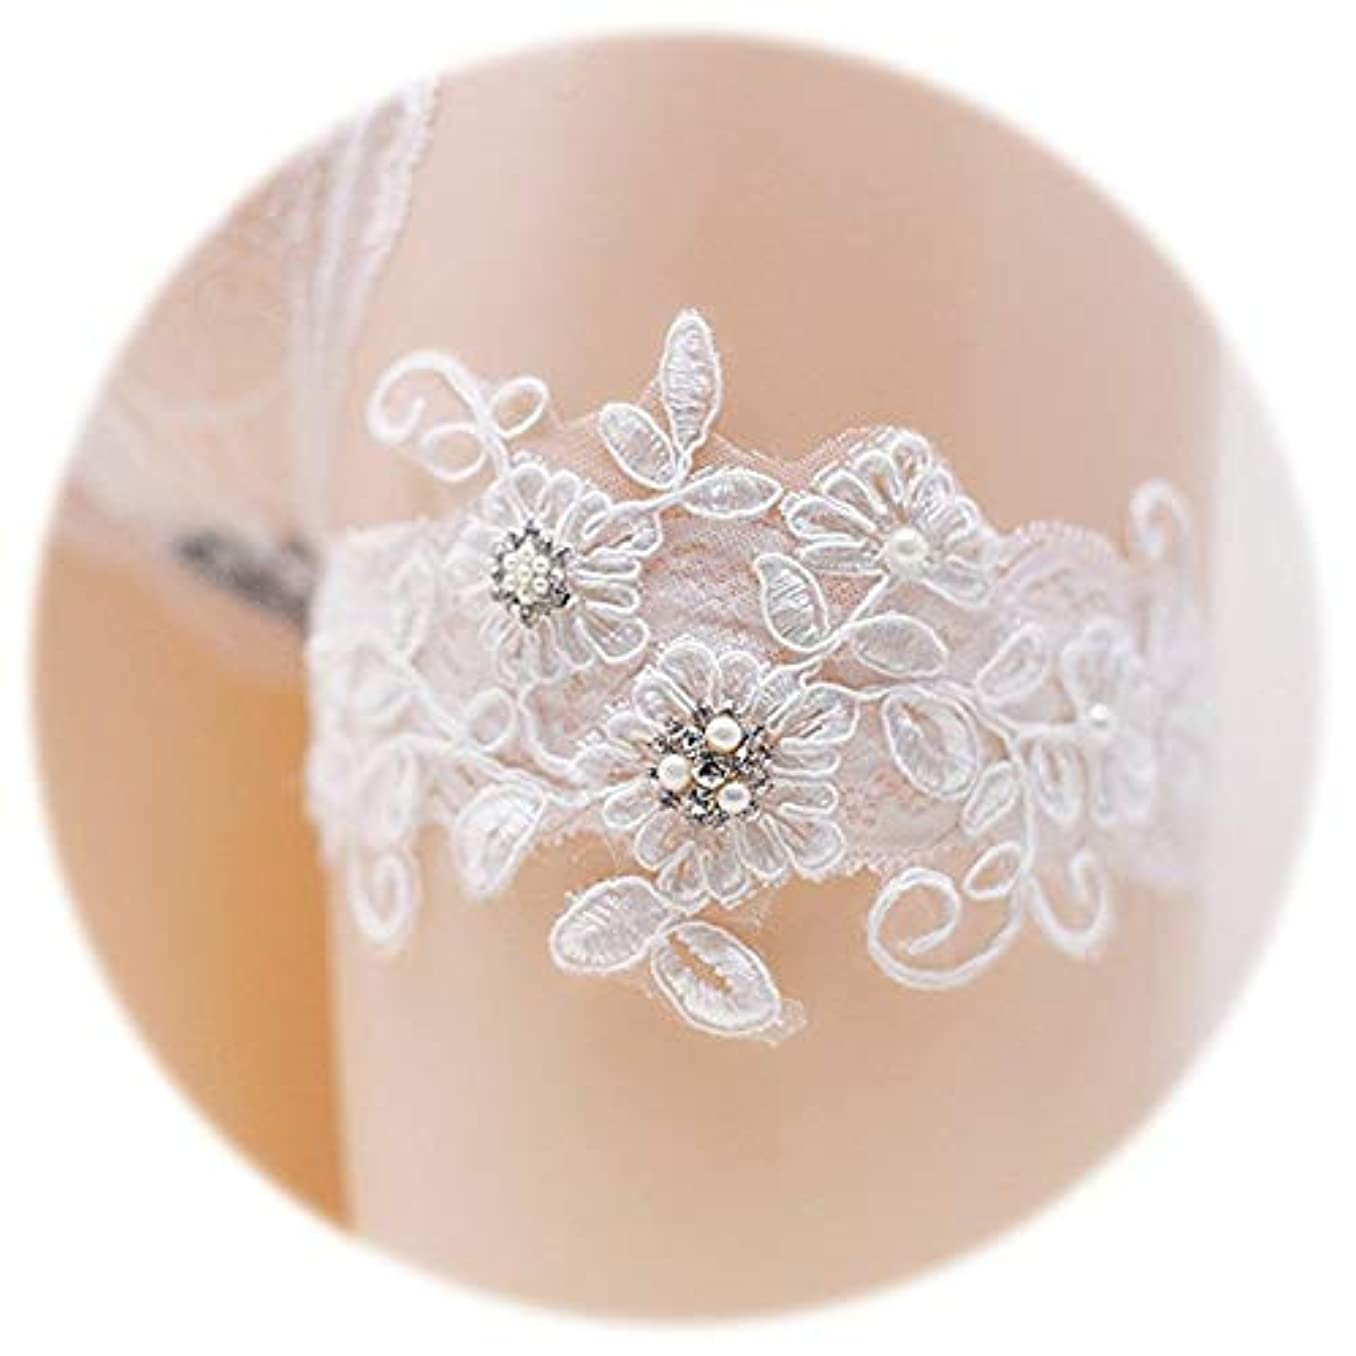 歩く仮説スチュアート島2個の結婚式のブライダルロマンチックな結婚式のレースのガーター手作りのラインストーンレースの真珠の花のガーター (白)